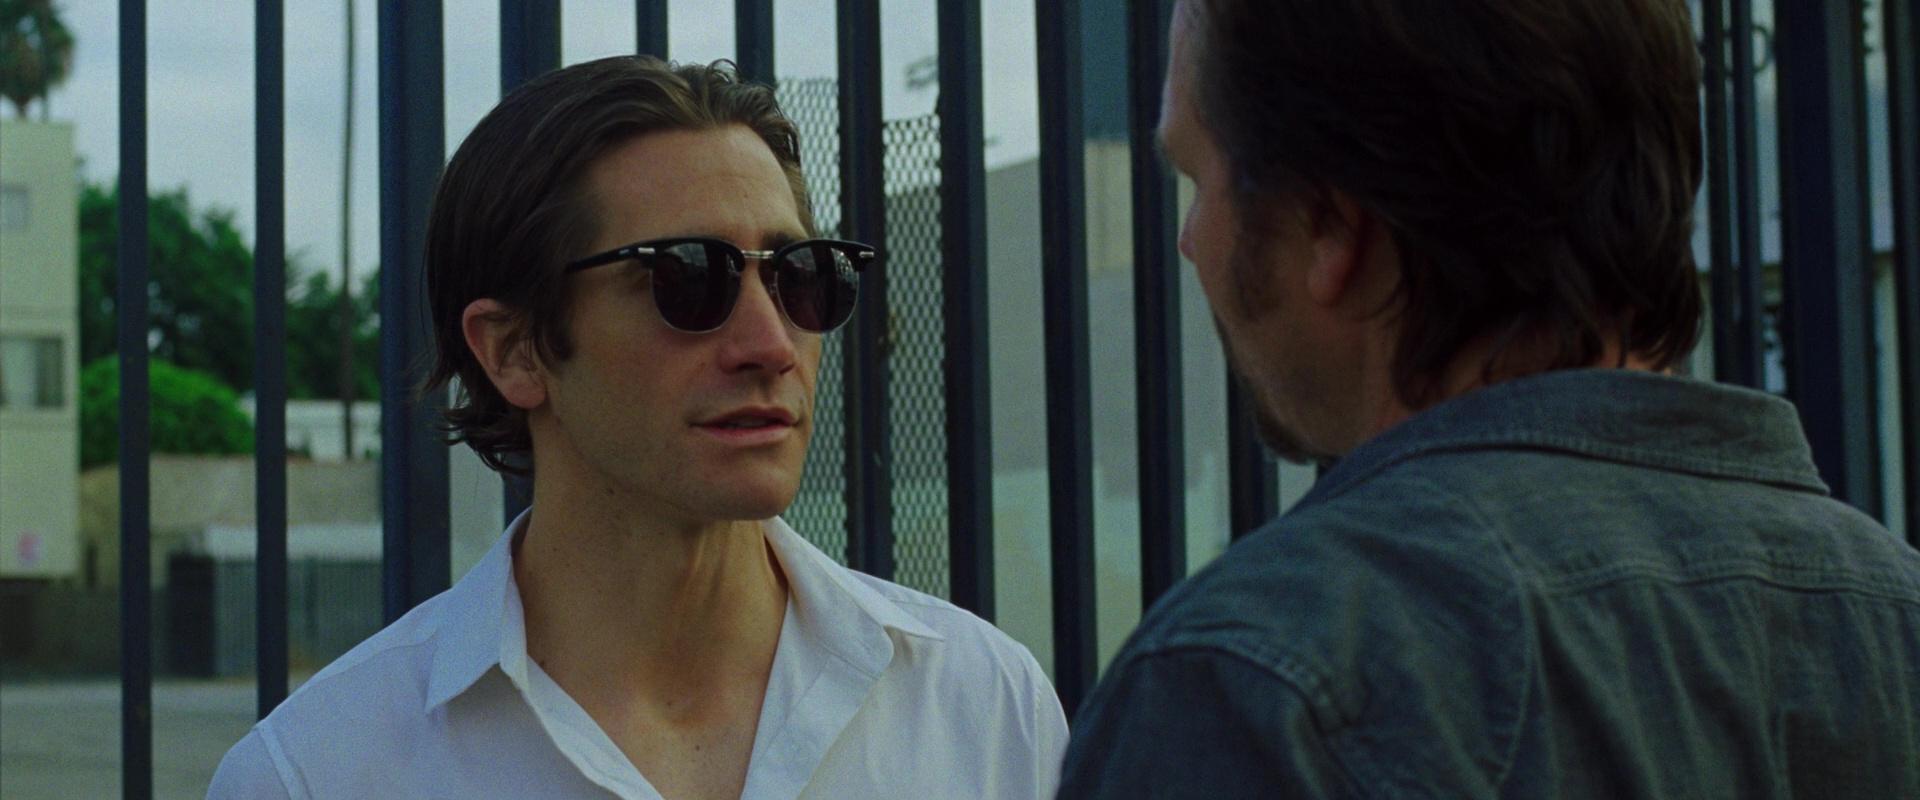 Shuron Ronsir Sunglasses Worn By Jake Gyllenhaal In